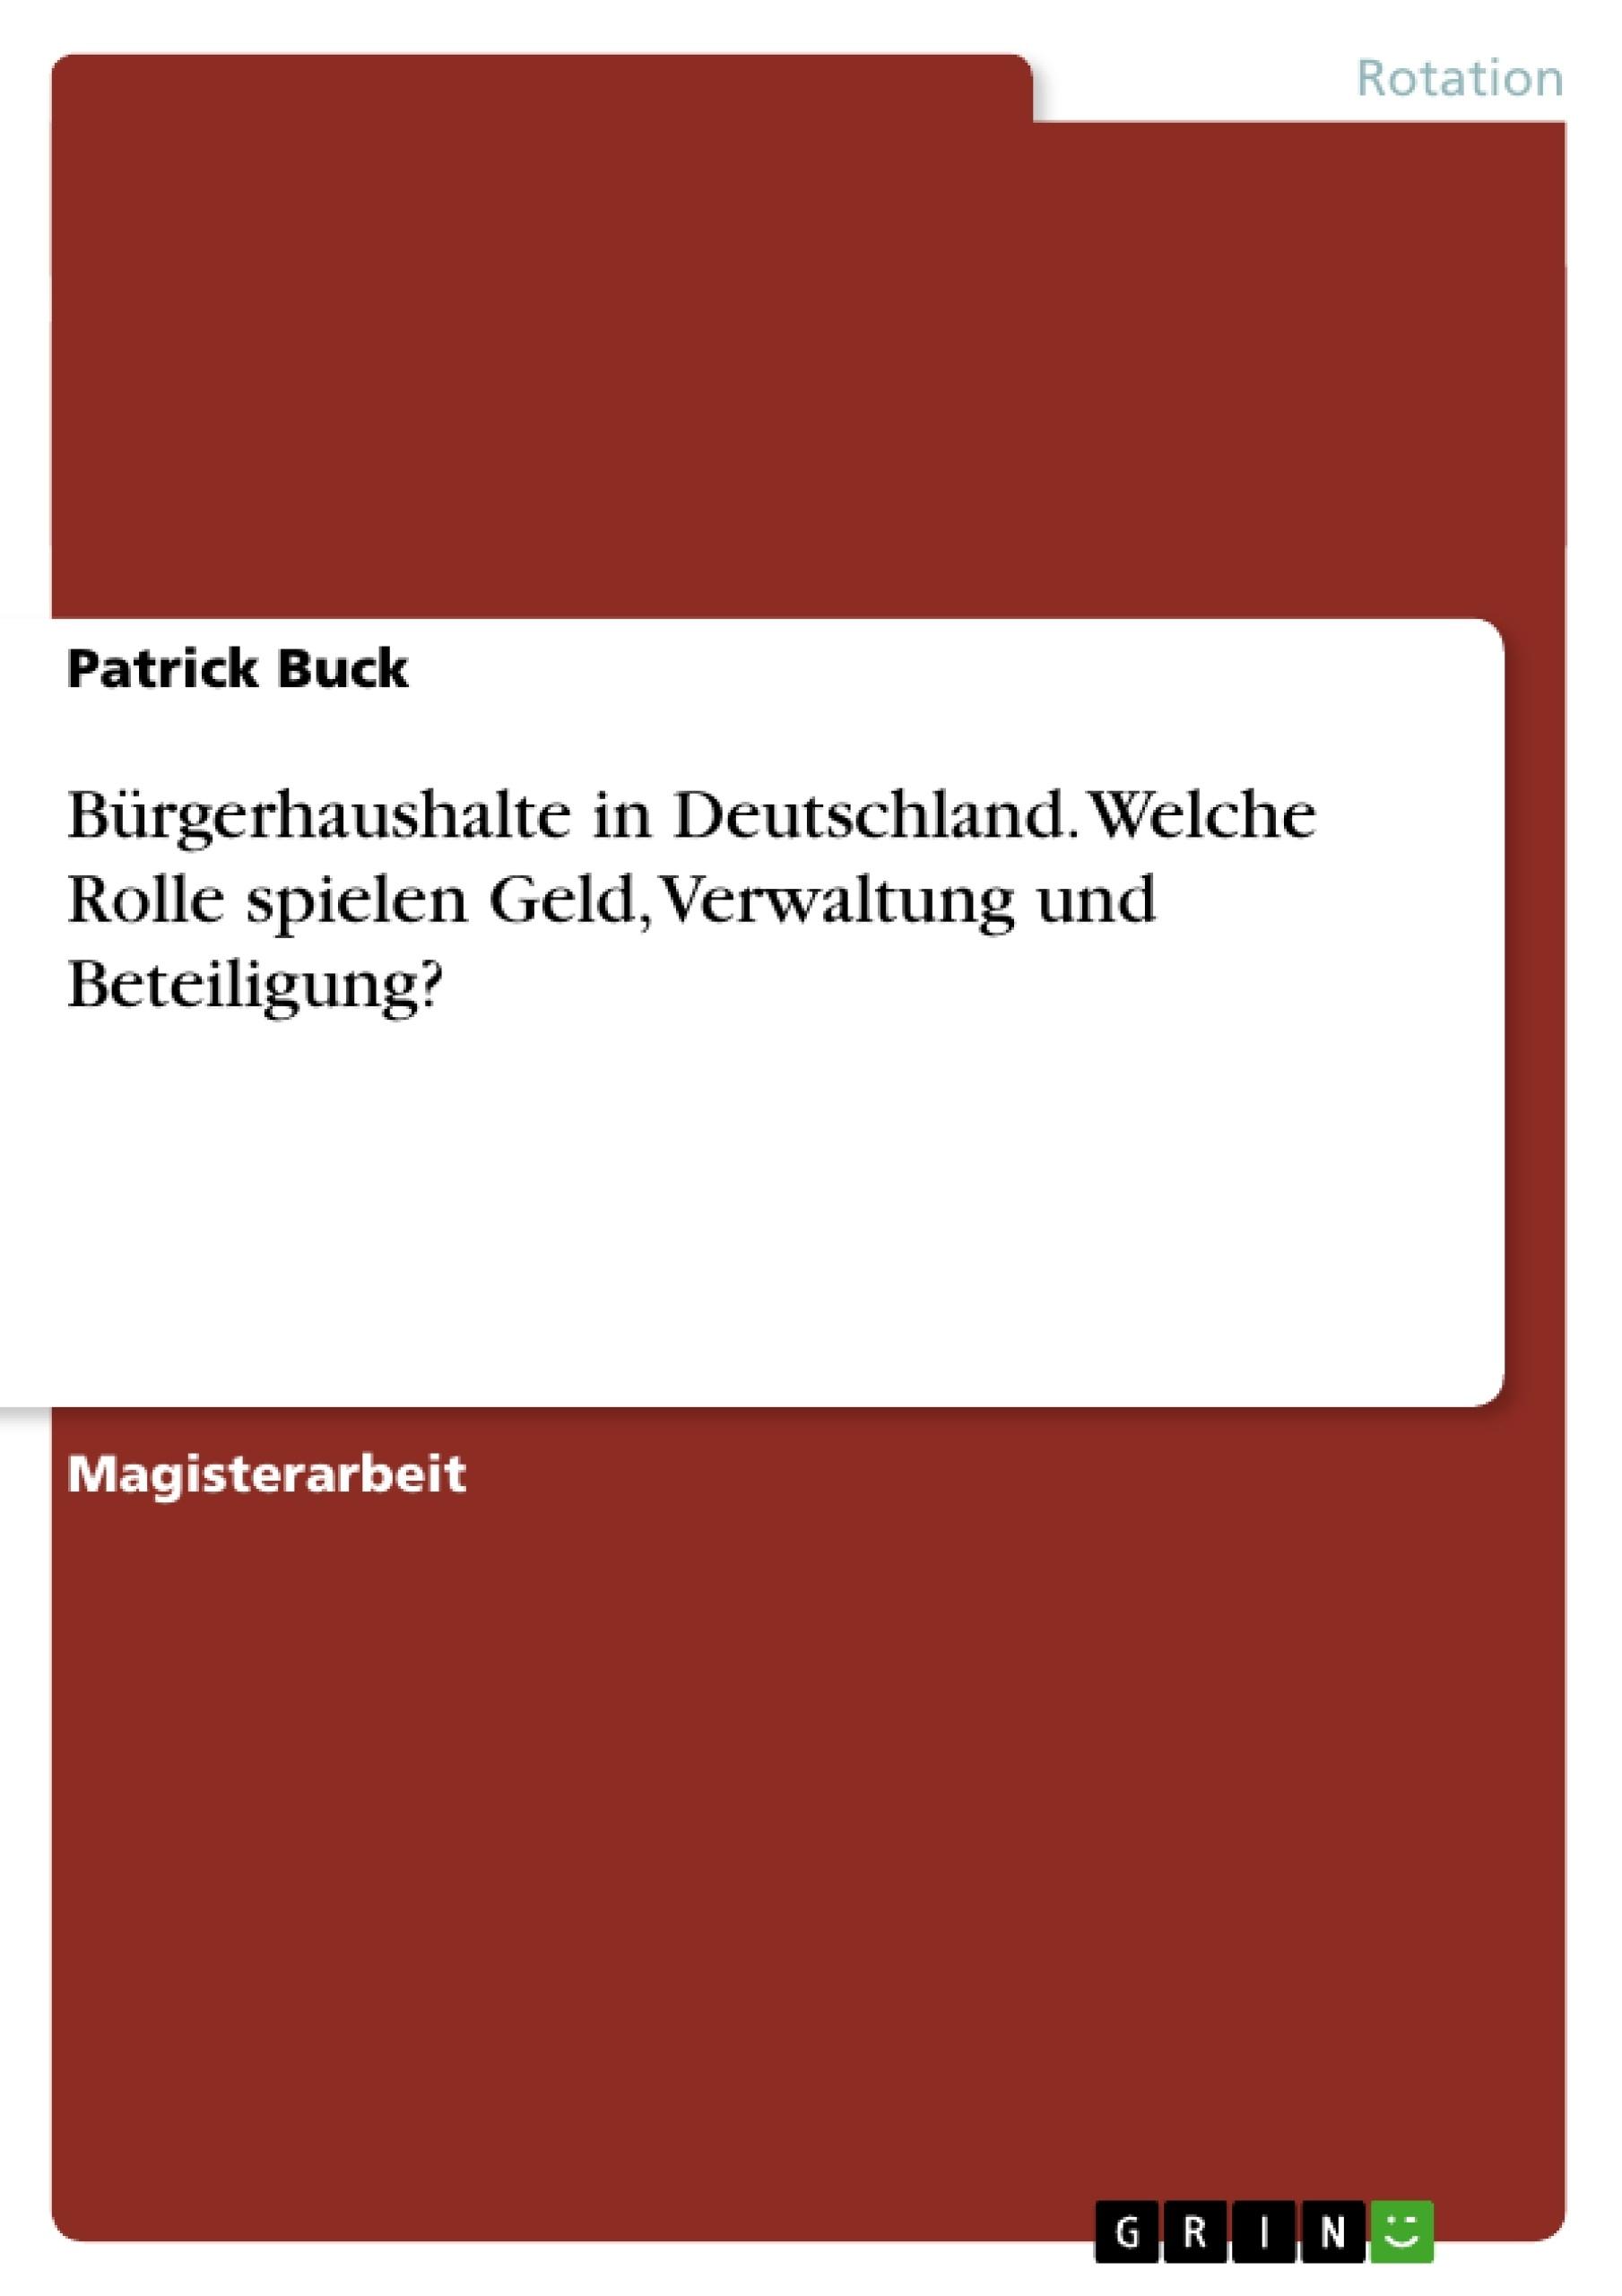 Titel: Bürgerhaushalte in Deutschland. Welche Rolle spielen Geld, Verwaltung und Beteiligung?